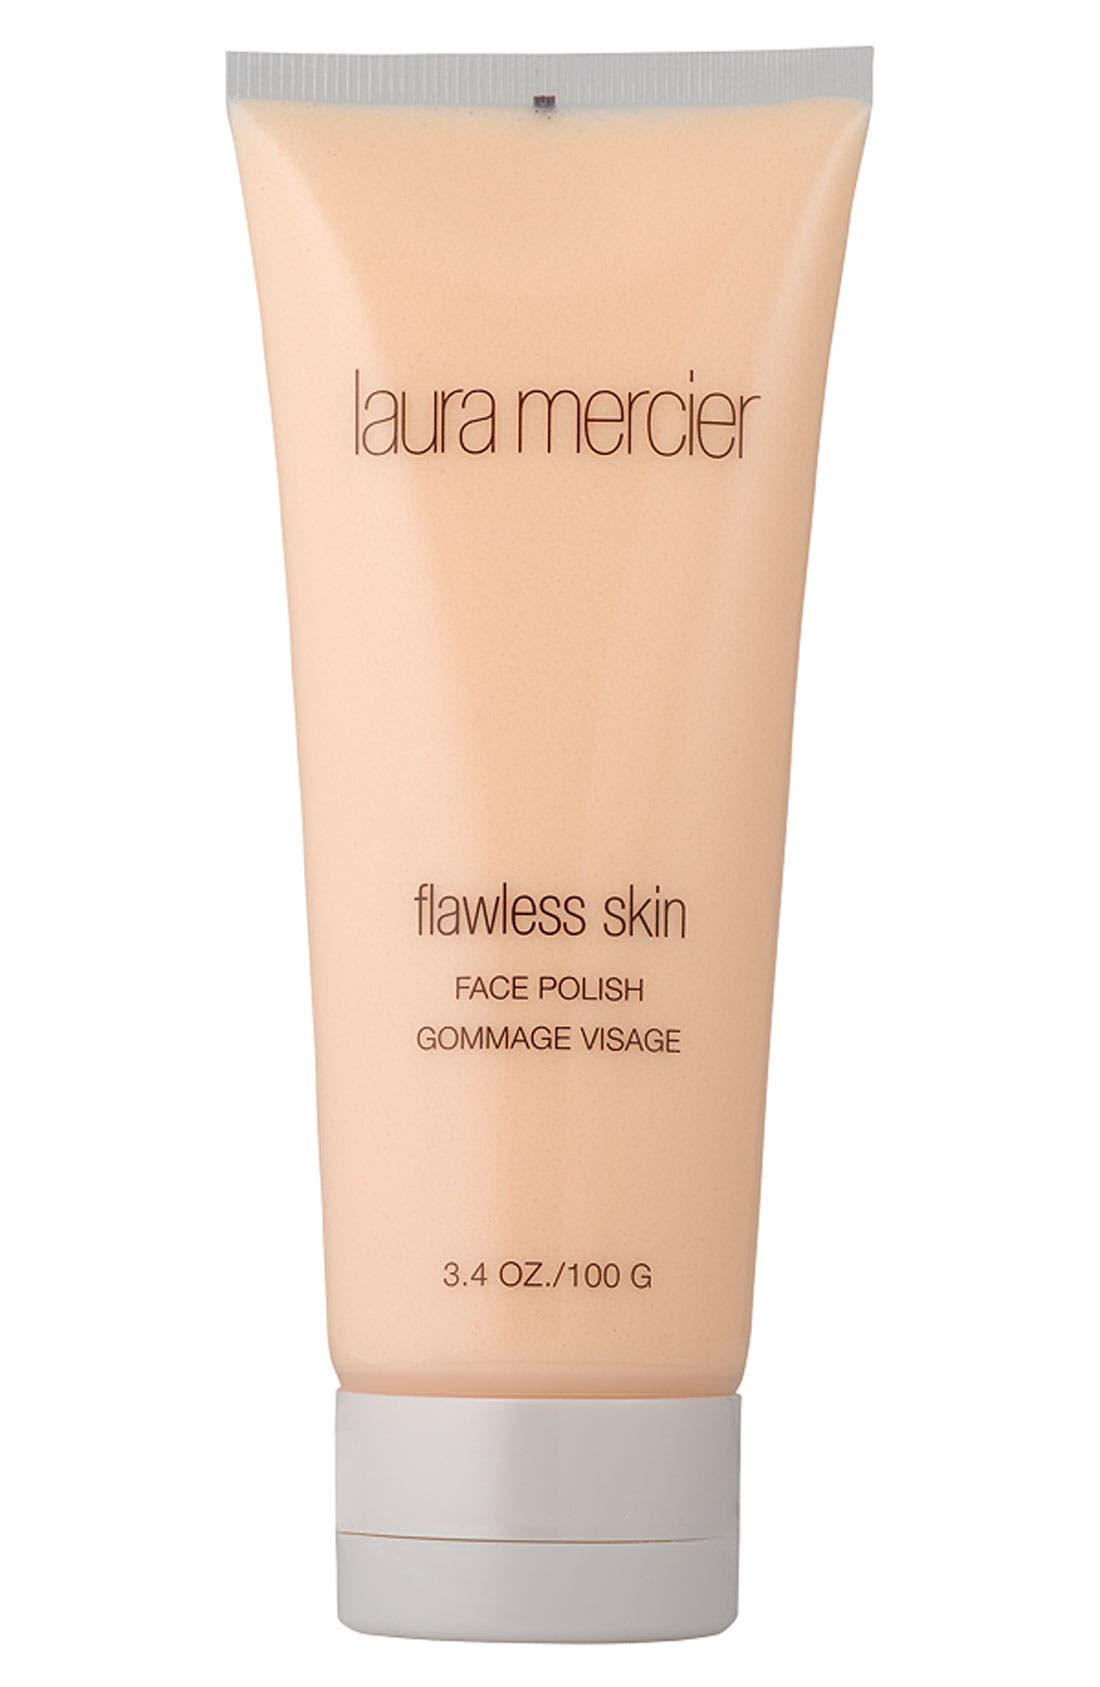 LAURA MERCIER, 'Flawless Skin' Face Polish, Main thumbnail 1, color, NO COLOR